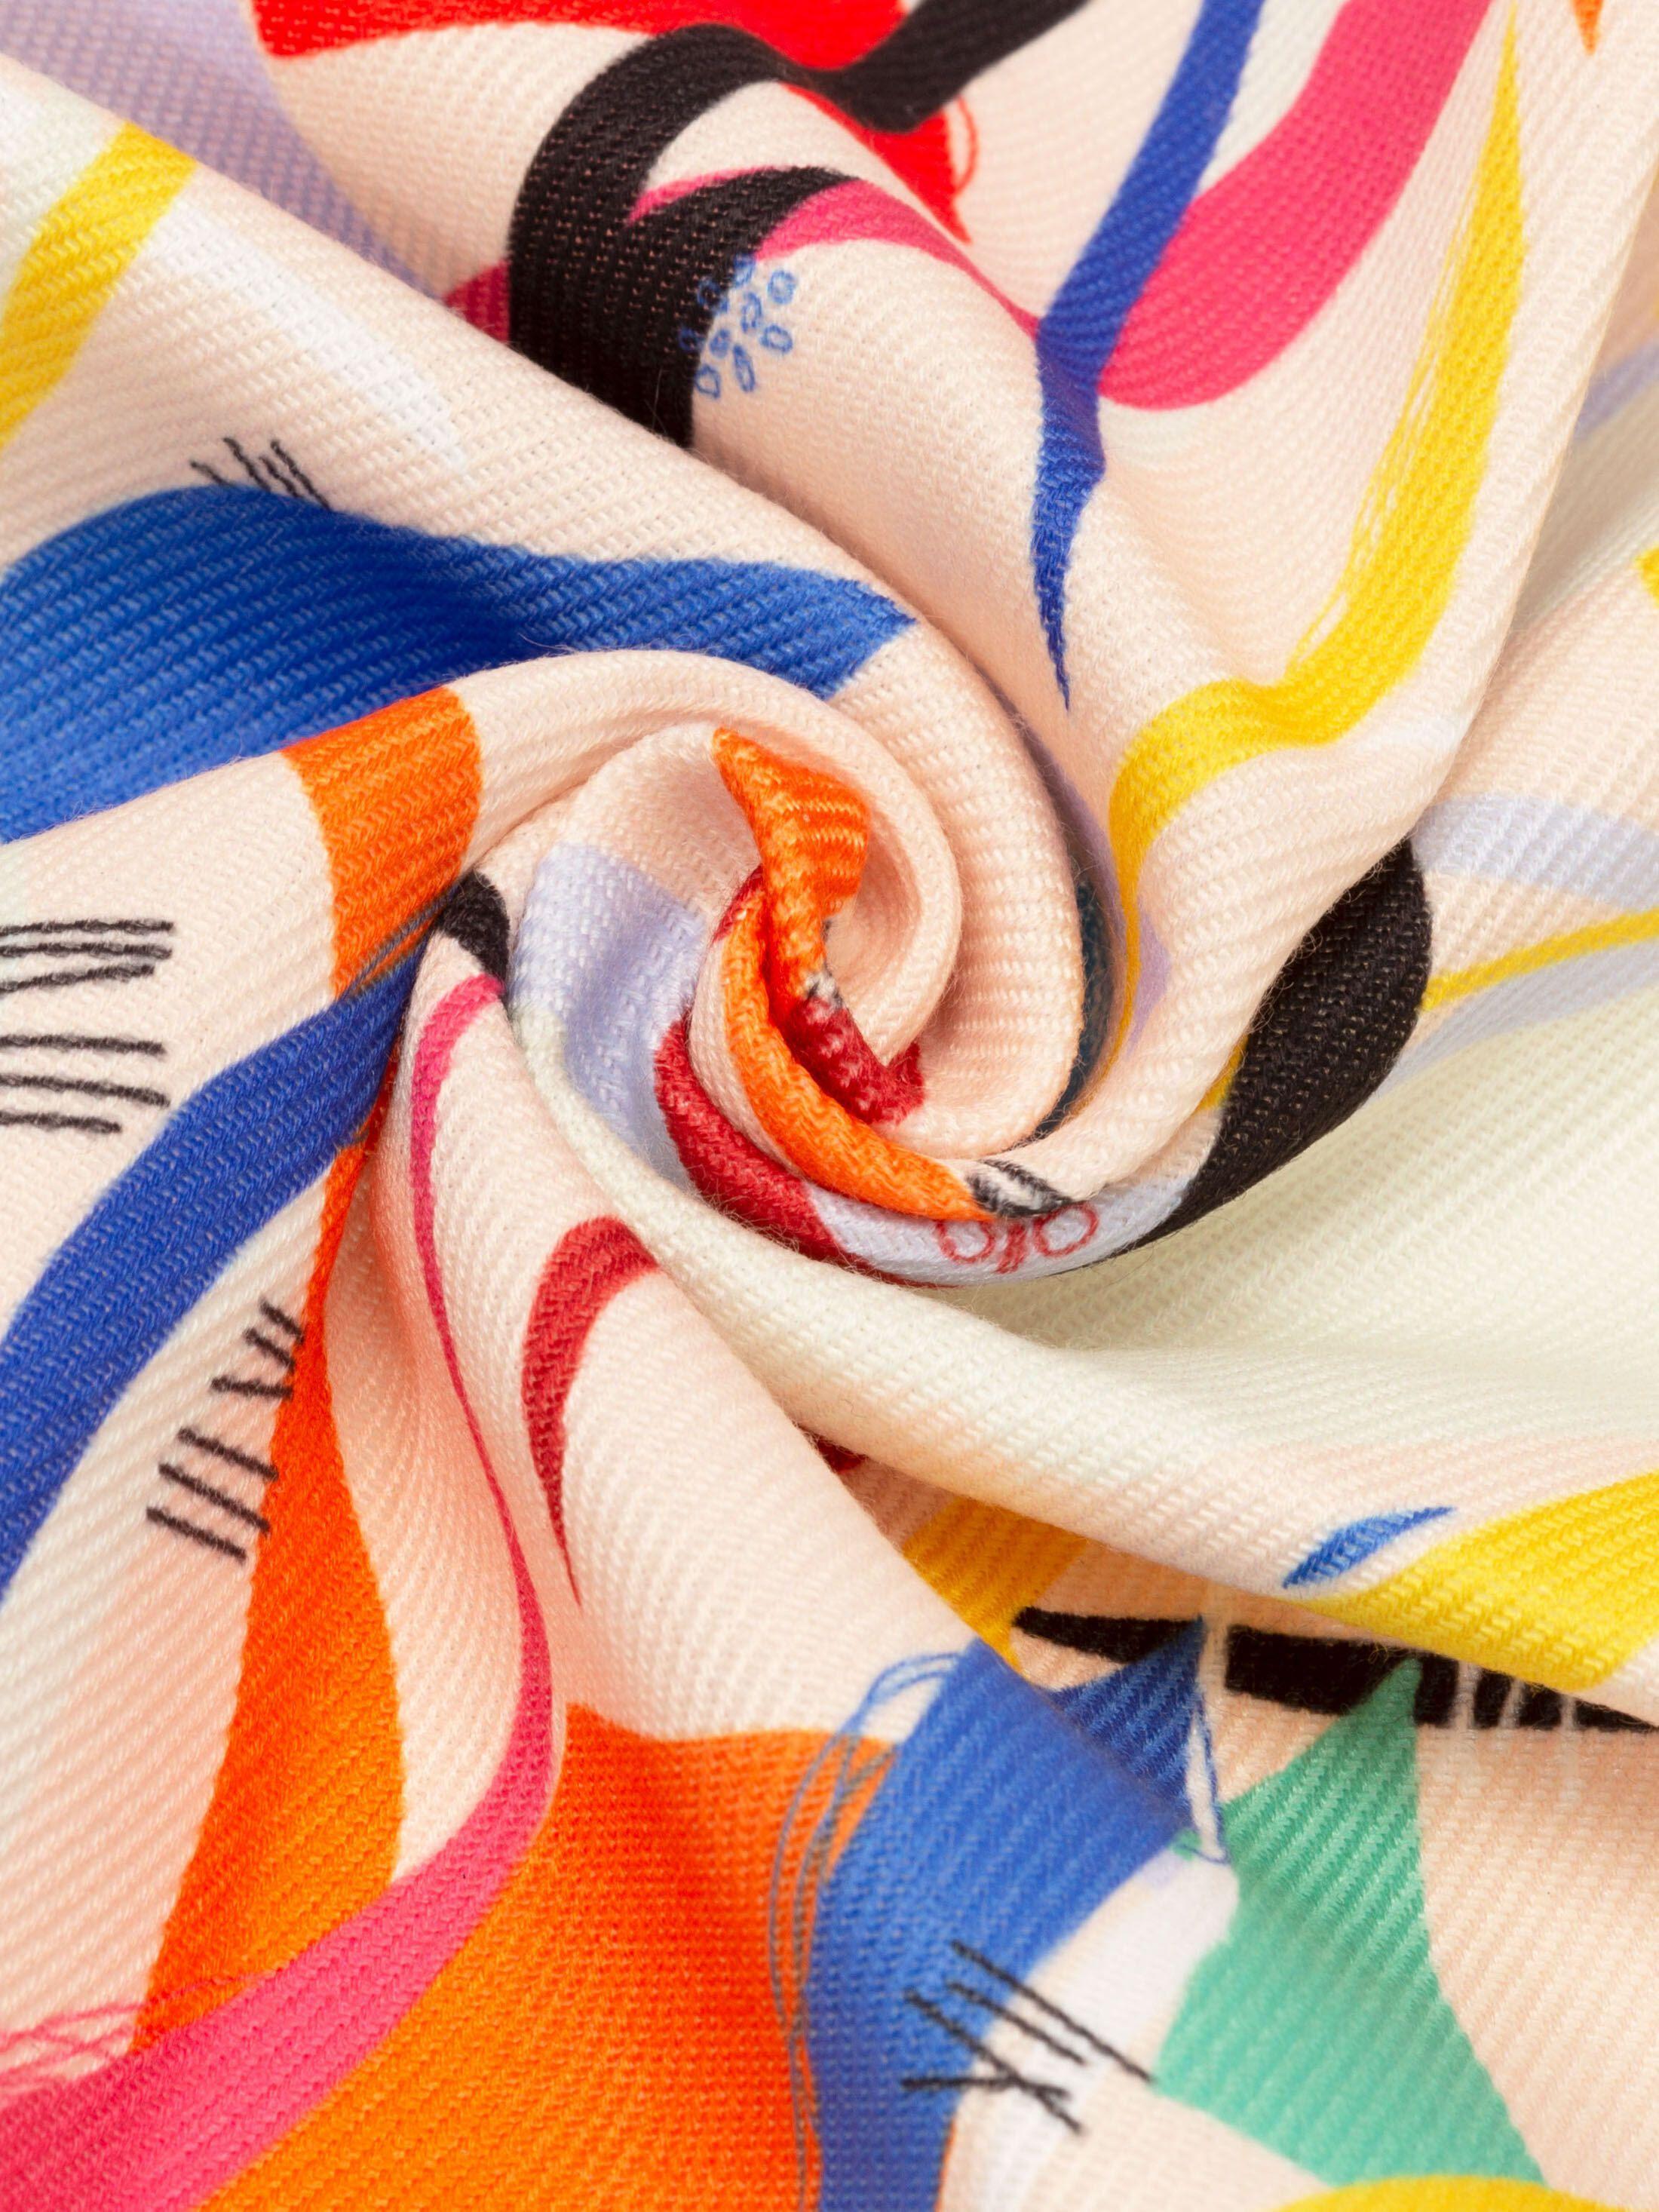 Printing on Trafalgar Twill fabric